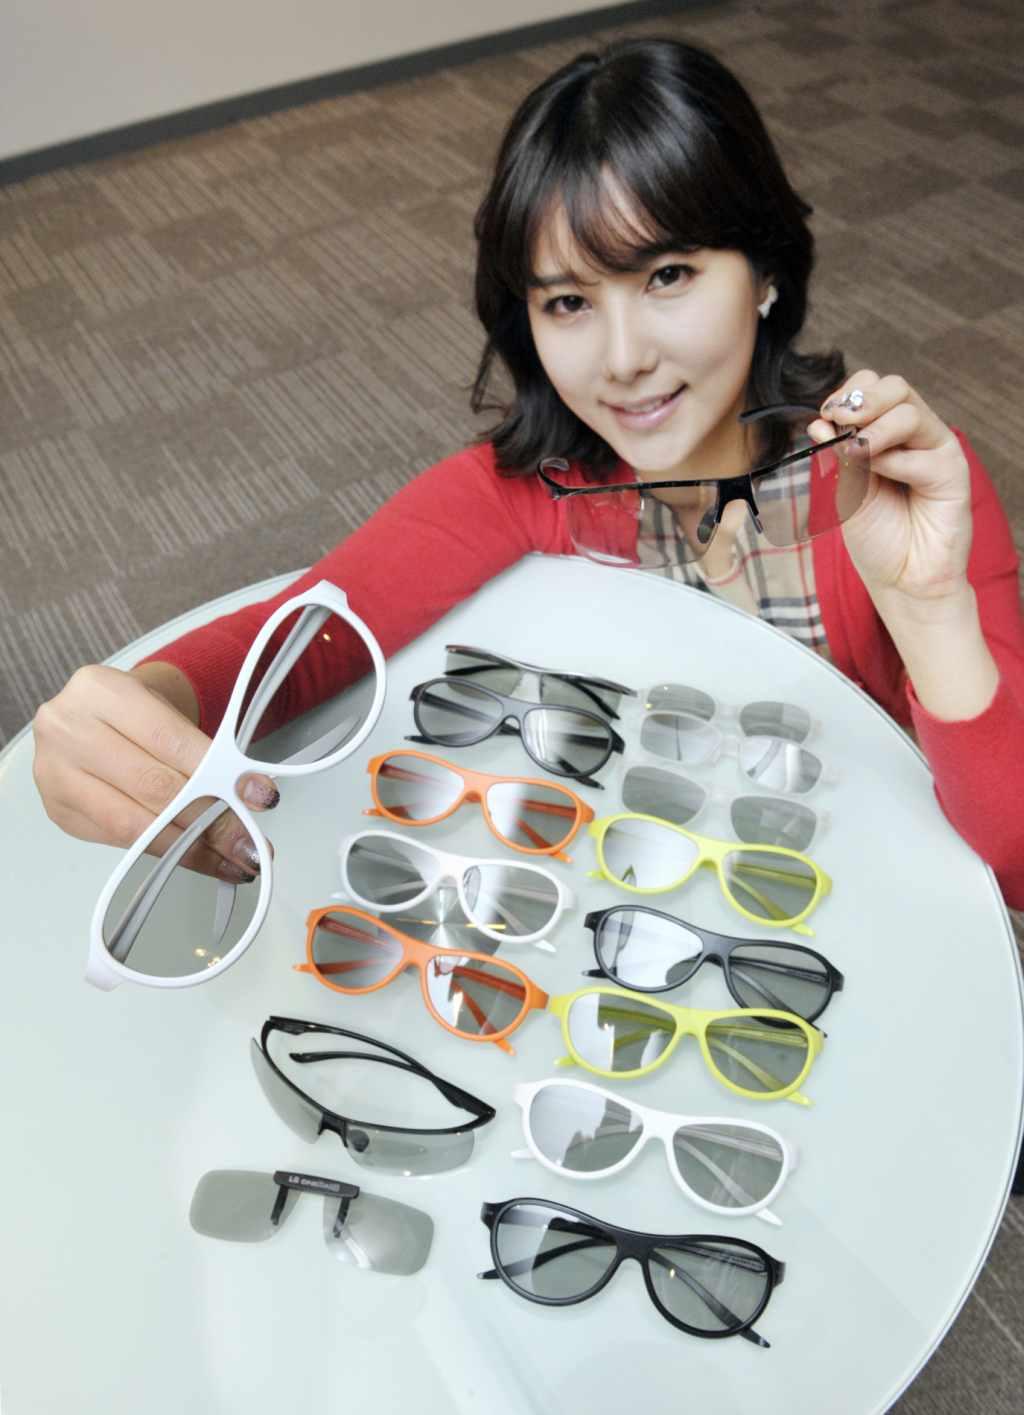 Wojna formatów: Sony potwierdza w 2013 wprowadzi pasywne 3D! LG nowym liderem technologii?